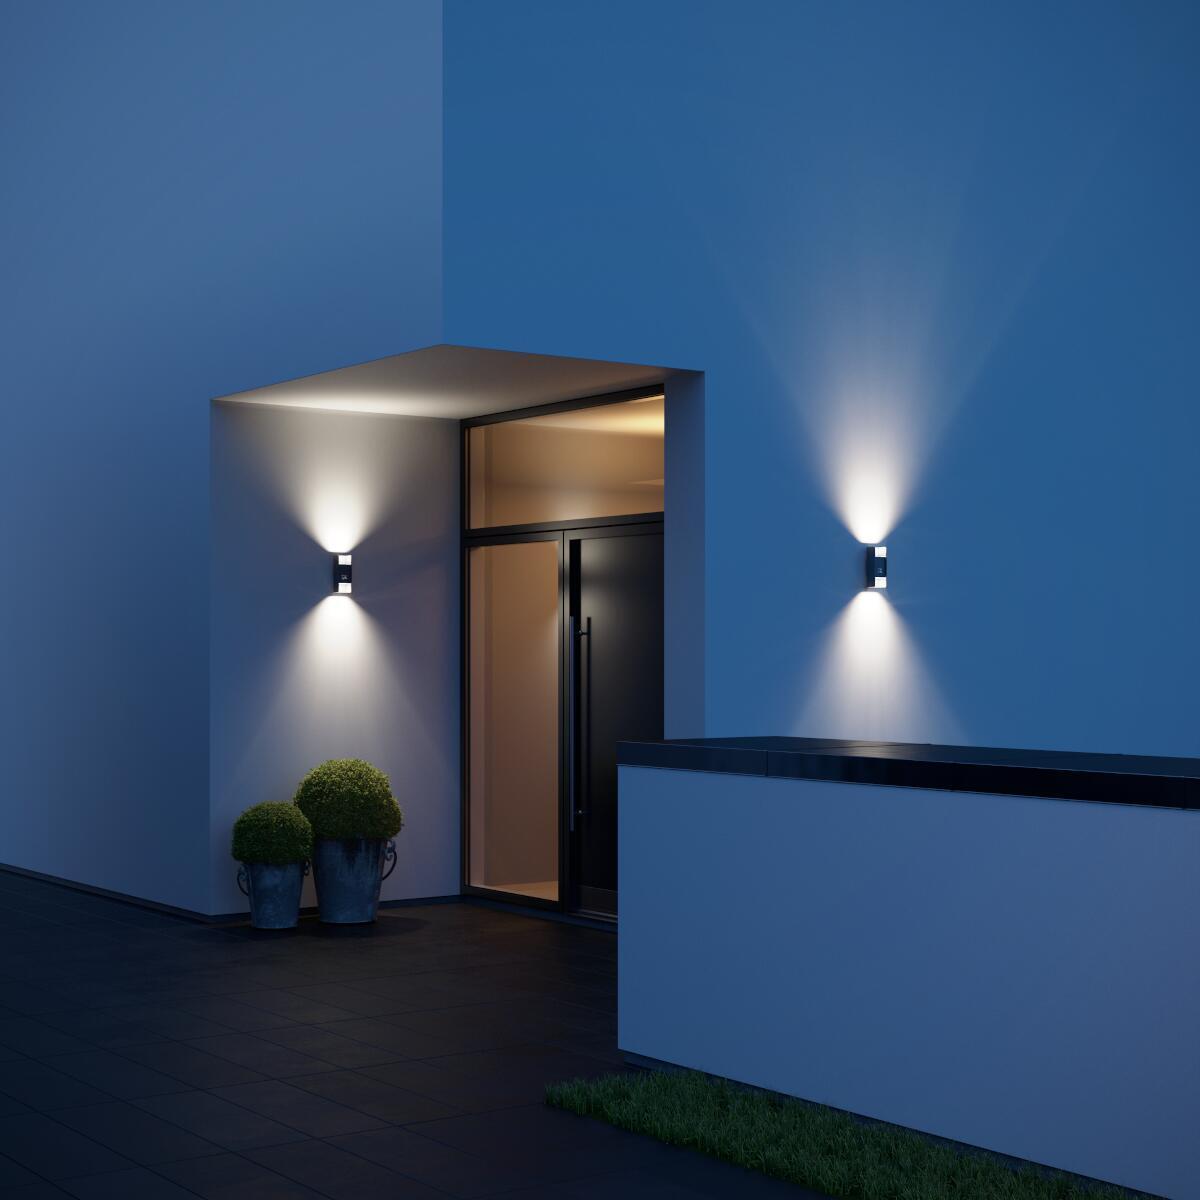 Applique L 920 LED integrato con sensore di movimento, antracite, 10W 516LM IP44 STEINEL - 3